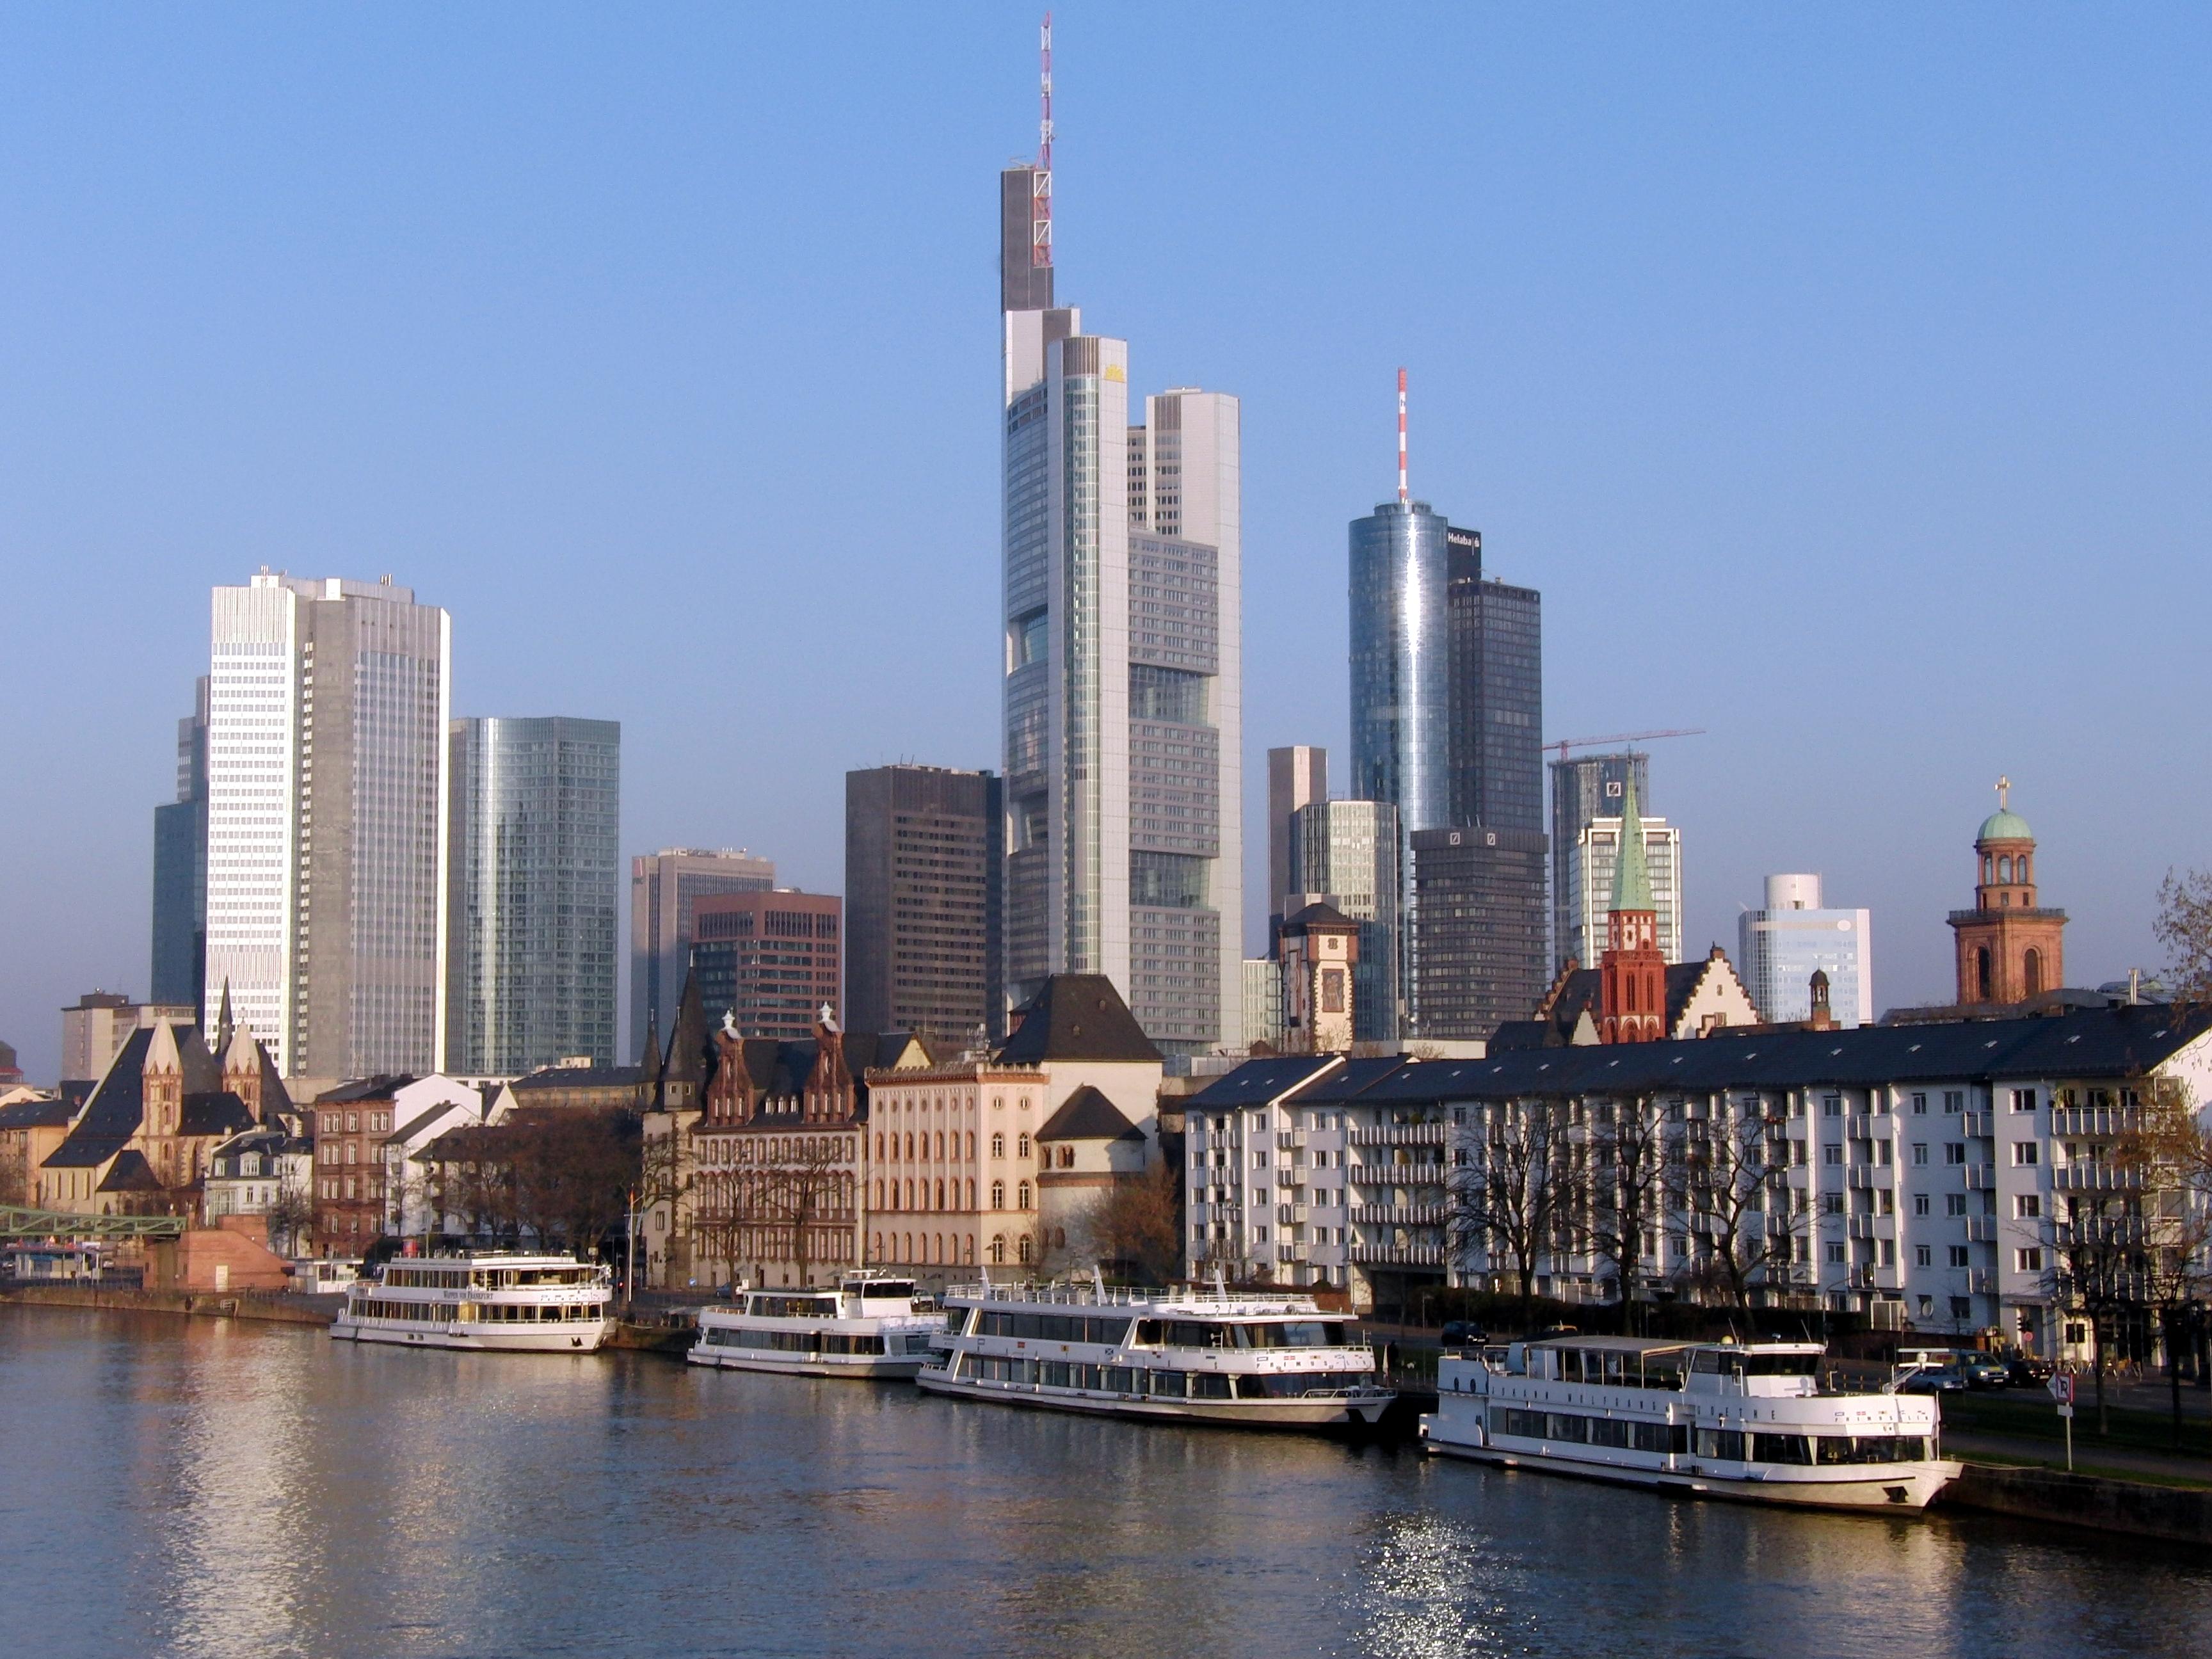 pia-stadt-frankfurt-am-main-foto-tanja-scha%cc%88fer